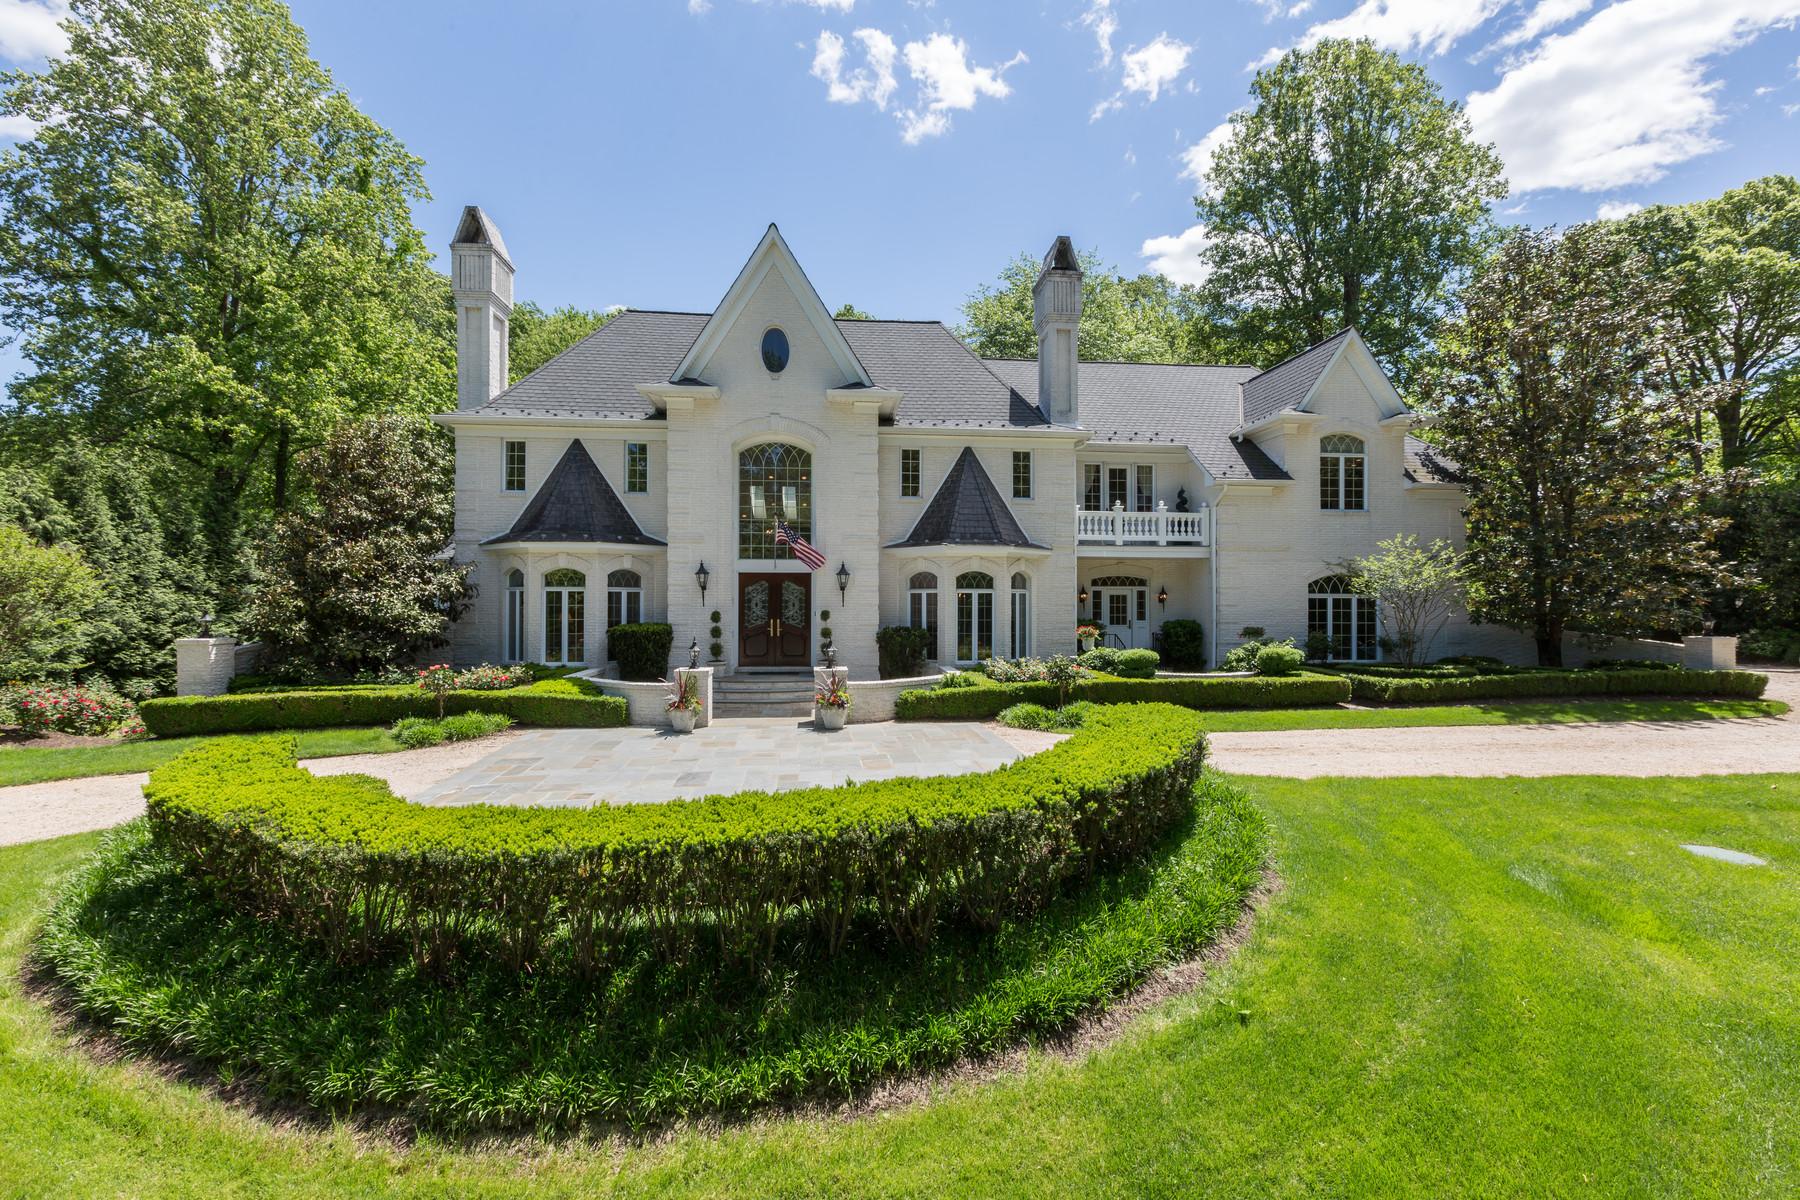 Villa per Vendita alle ore 1031 Towlston Road, Mclean 1031 Towlston Rd McLean, Virginia, 22102 Stati Uniti